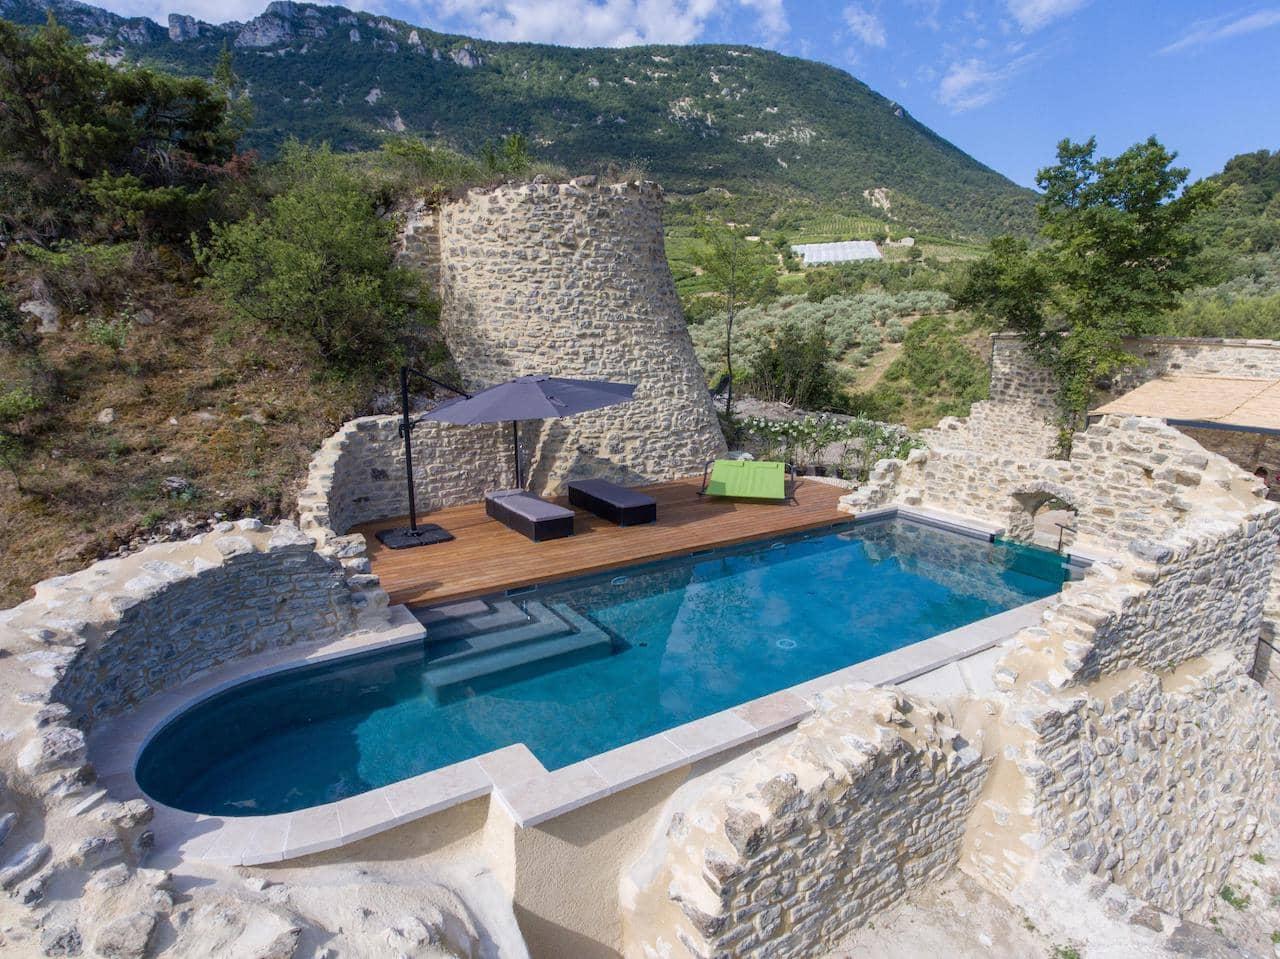 premier-prix-incroyable-piscine-residentielle-exterieure